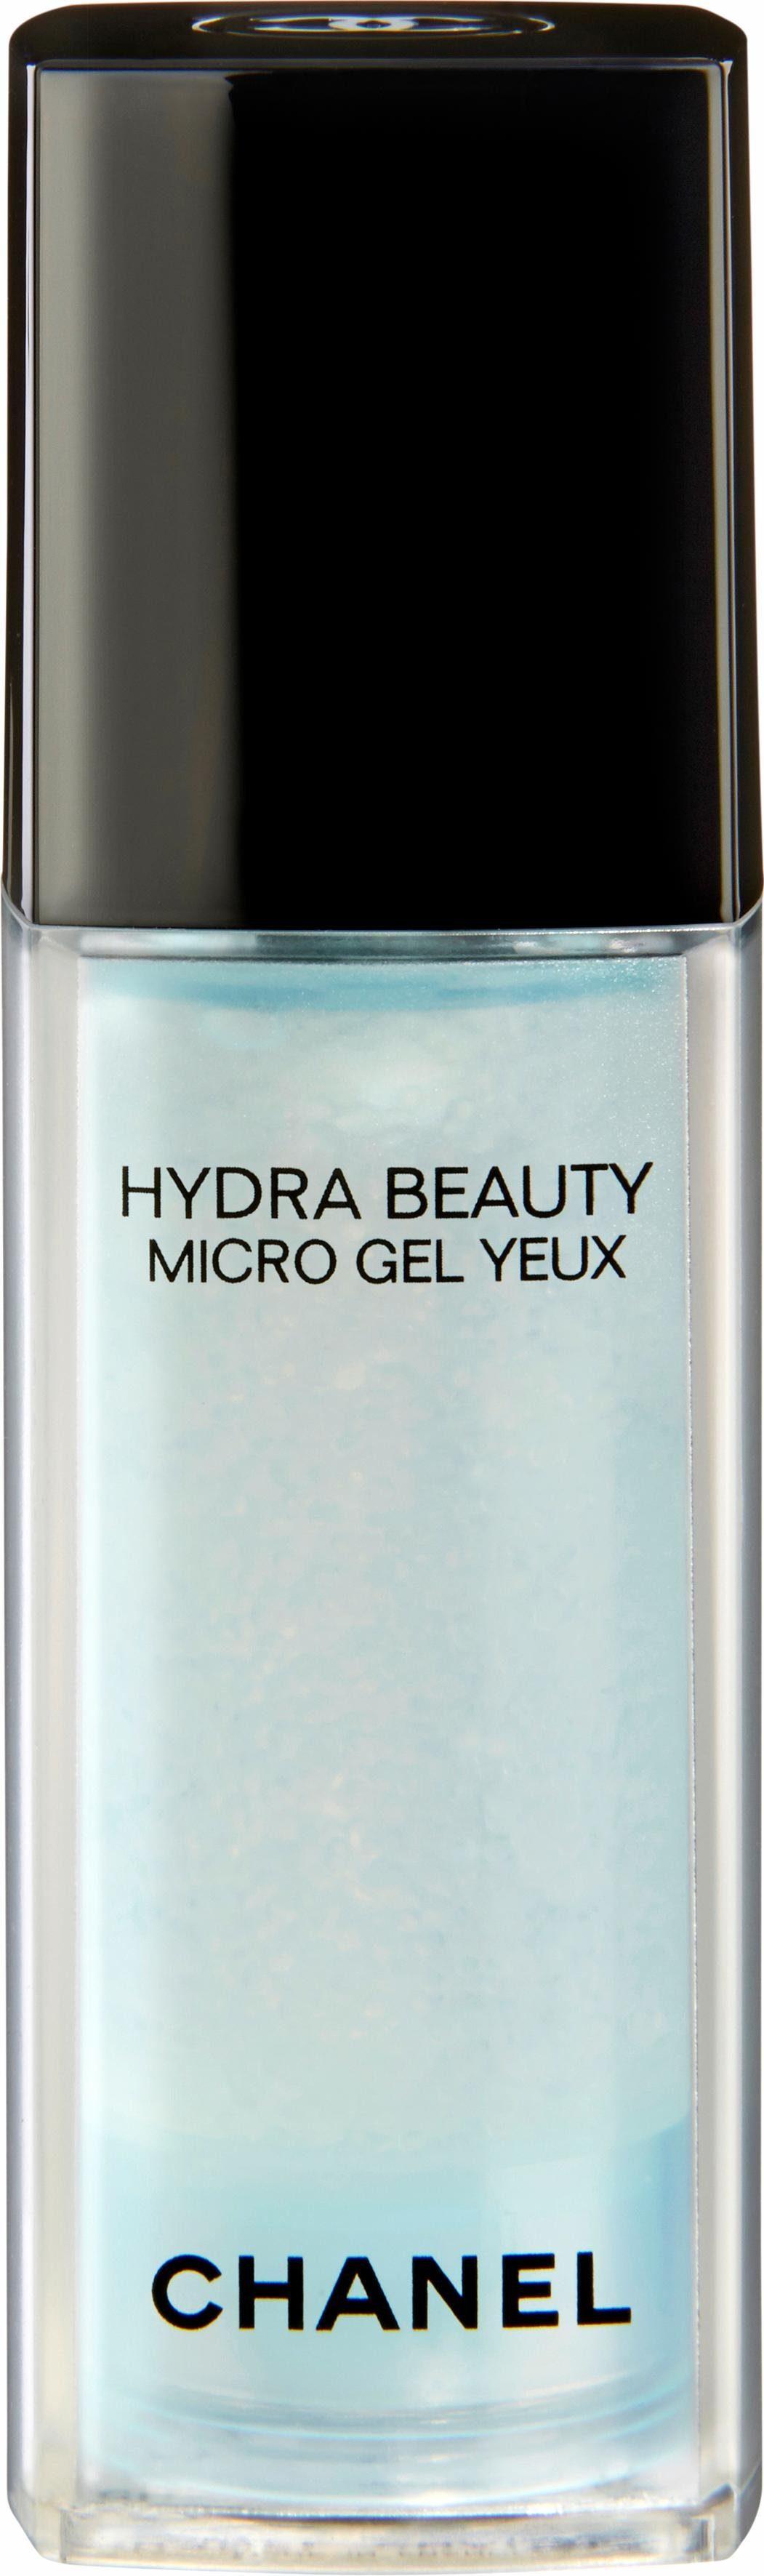 Chanel, »Hydra Beauty Micro Gel Yeux«, Augengel